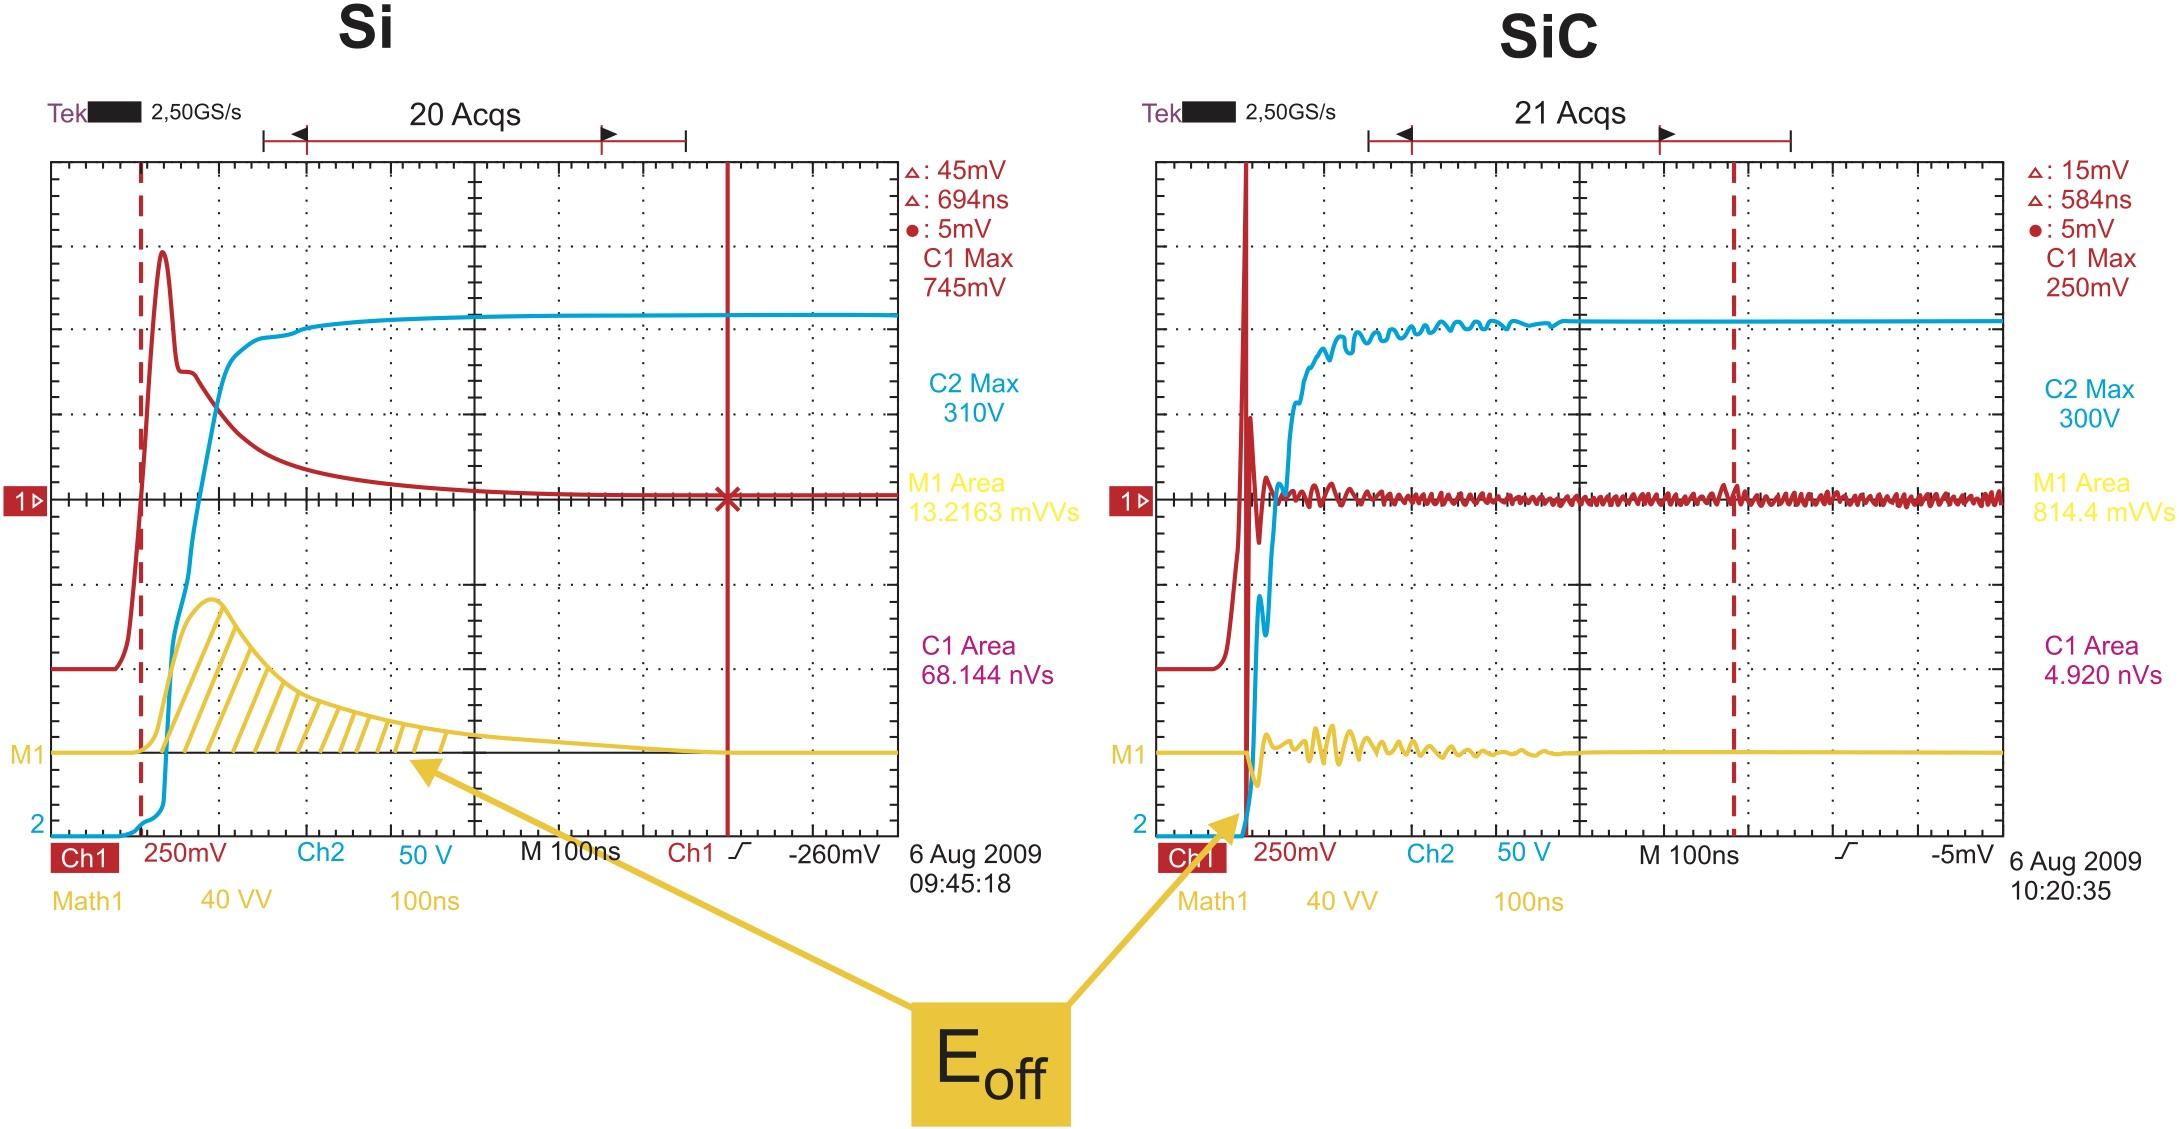 Характеристика выключения Si- и SiC-диодов. Величина Eoff у SiC-компонентов пренебрежимо мала, обратный ток падает очень быстро, что приводит к возникновению осцилляций обратного тока и напряжения